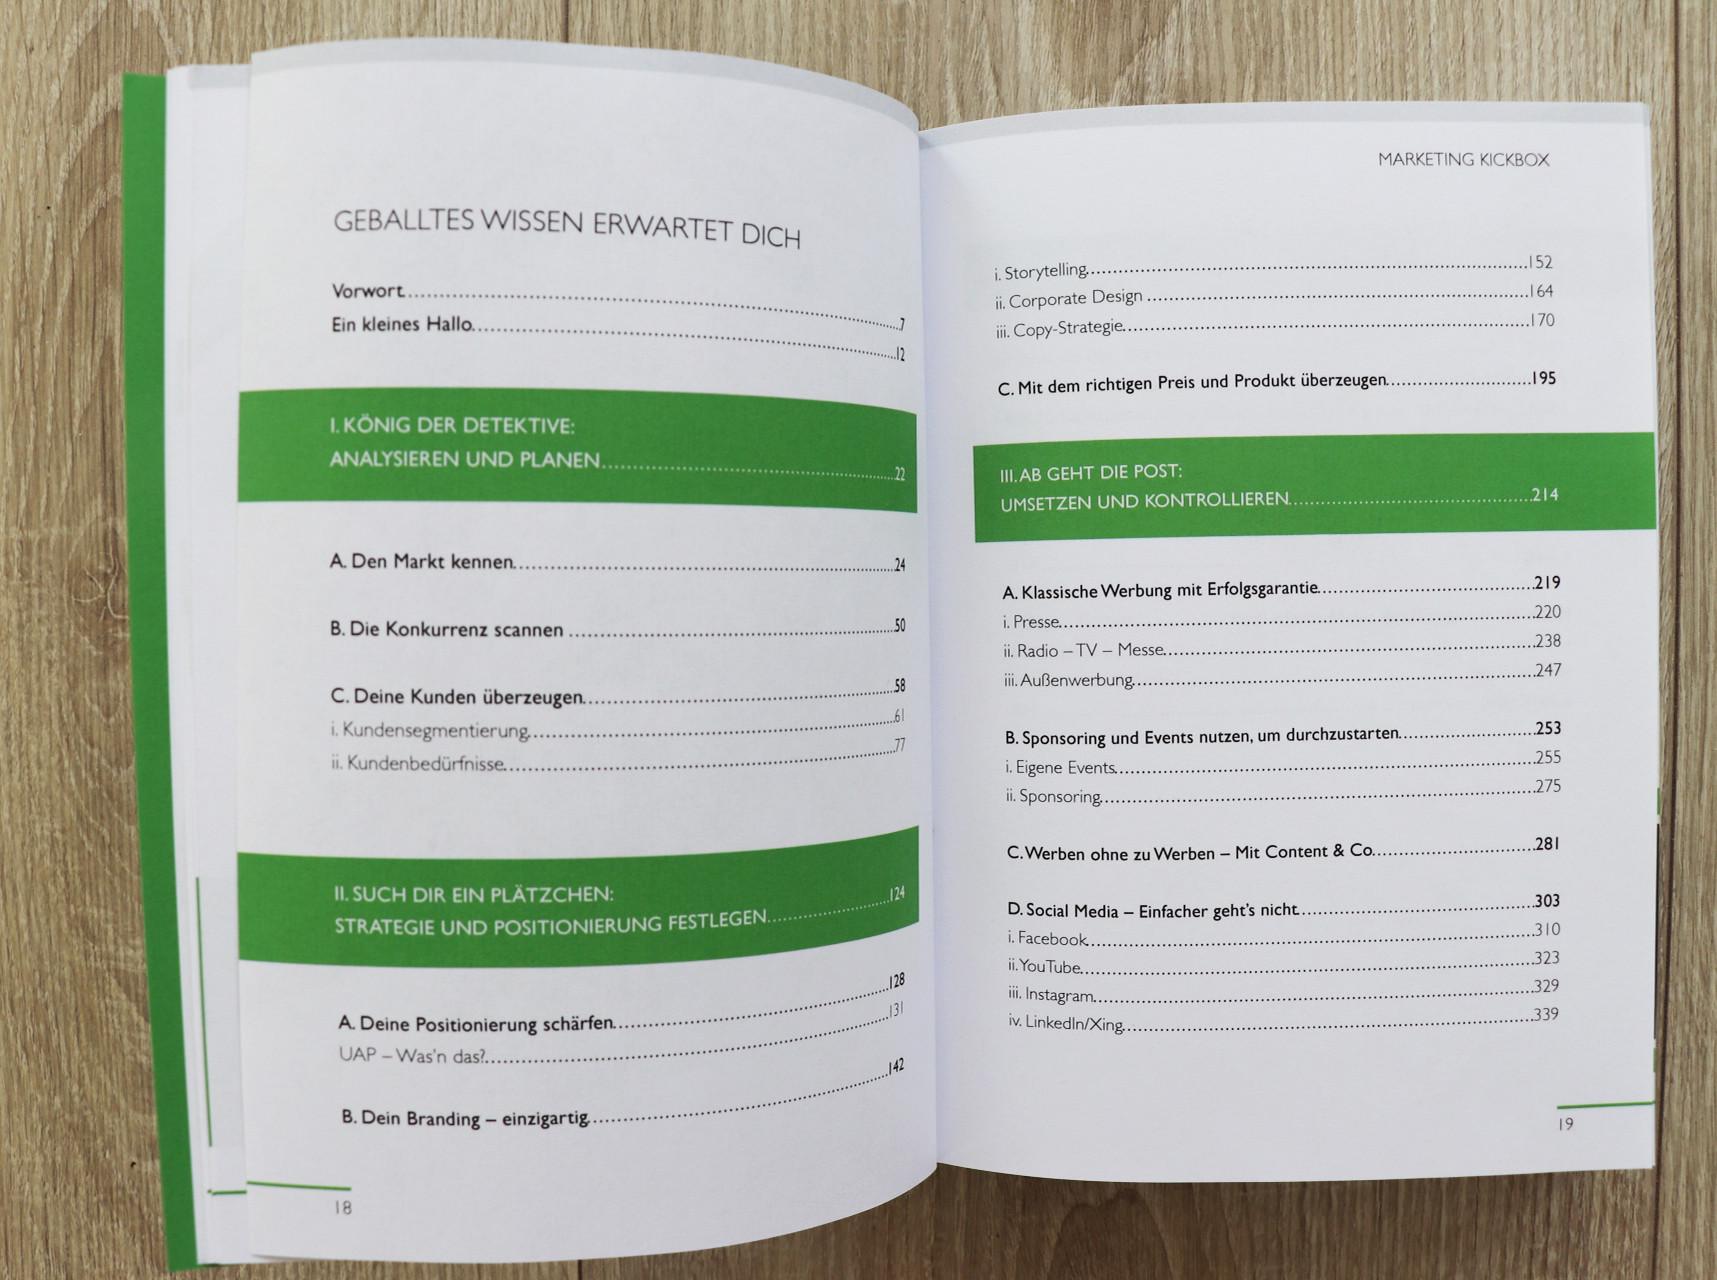 erfahrungen_marketingkickbox_inhaltsverzeichnis1_Neu